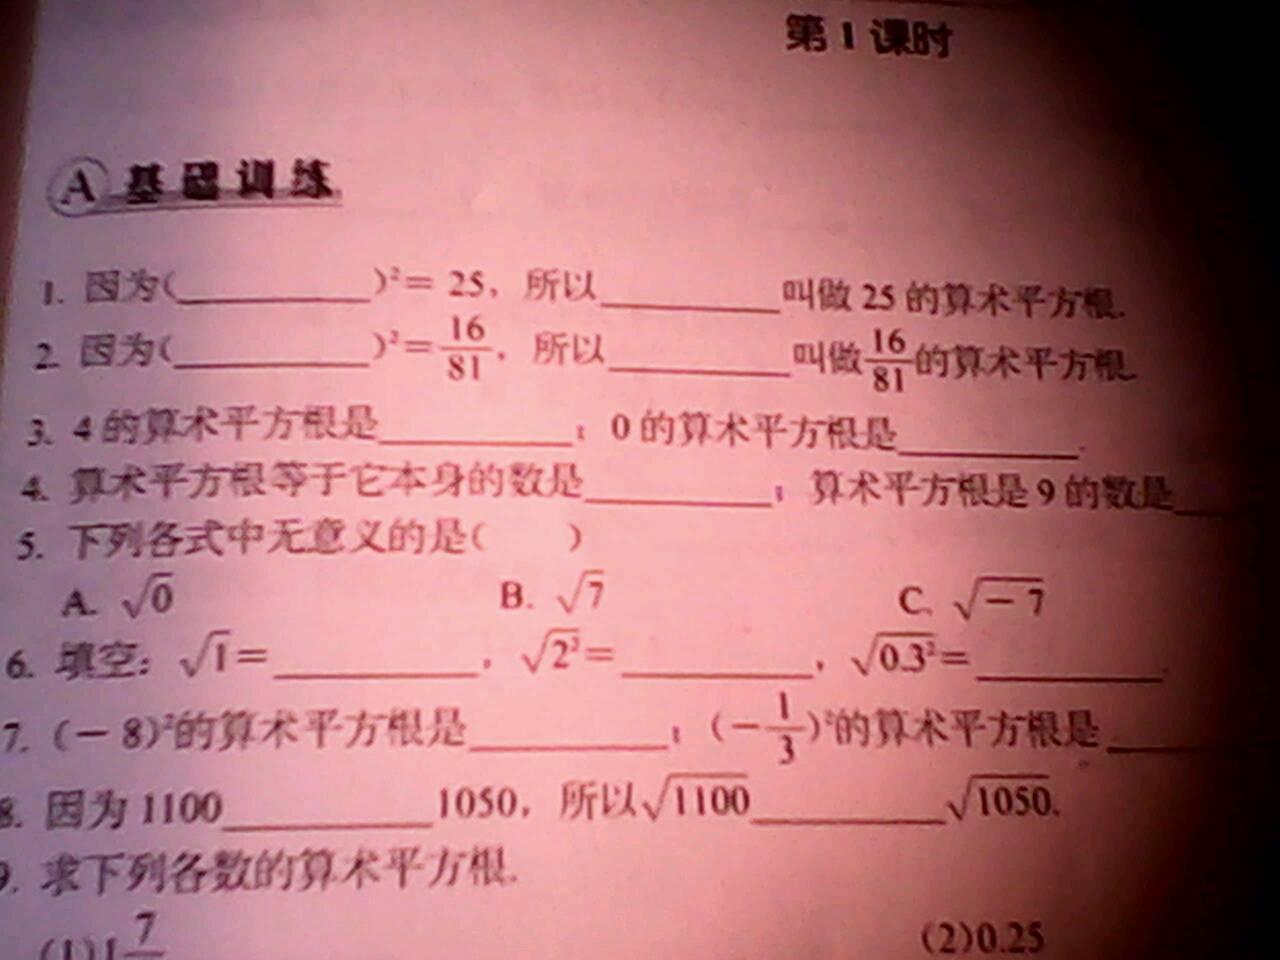 沪科版七方根数学第六章平教学练习题护理品管圈年级v方根ppt图片